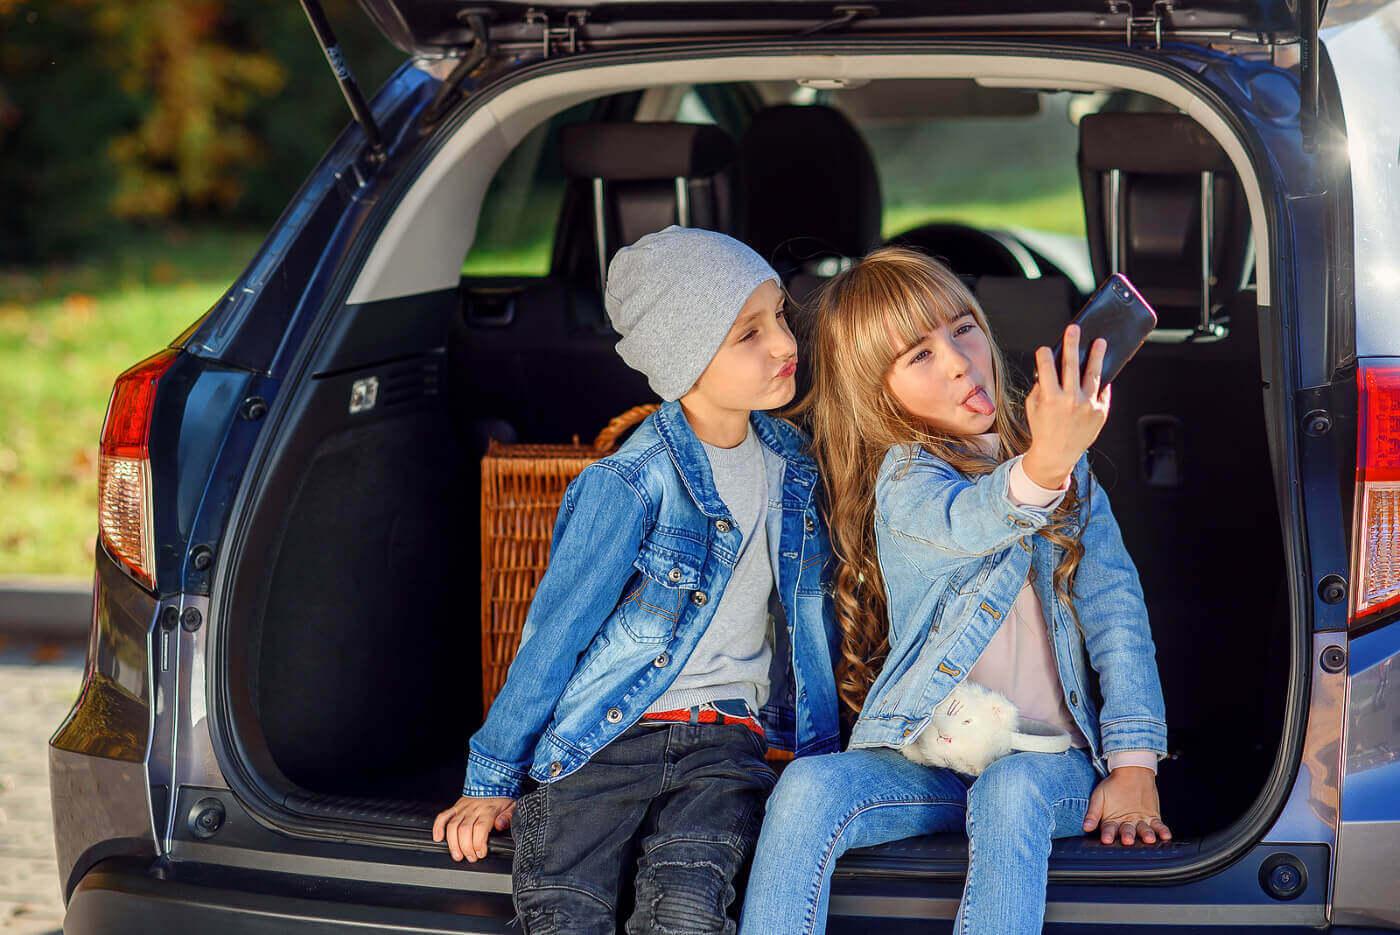 5 suurta muutosta 10-12-vuotiaan lapsen elämässä